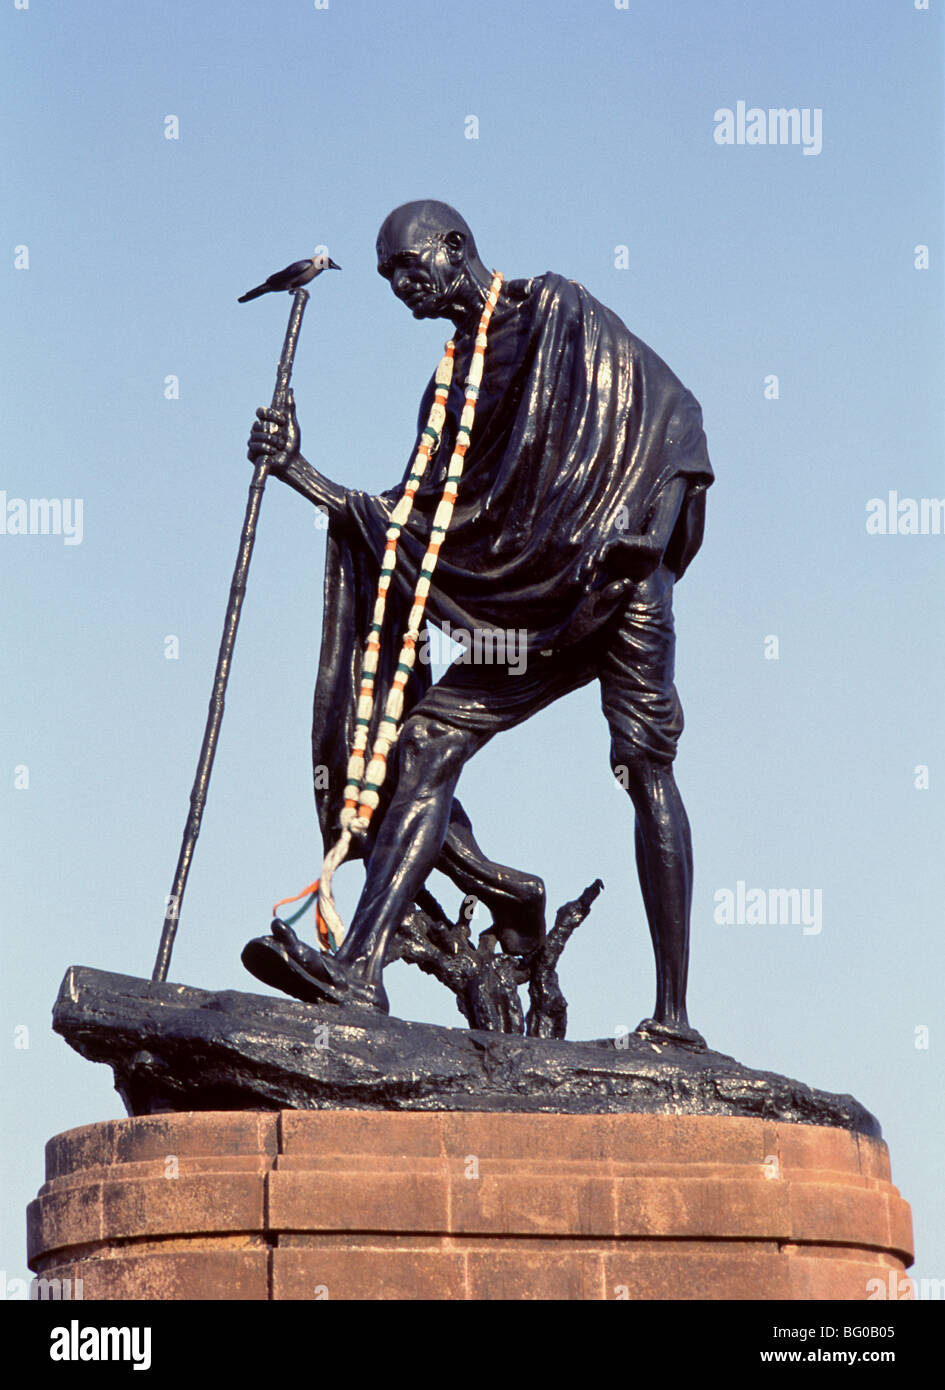 Statue of Gandhi, New Delhi, India, Asia - Stock Image